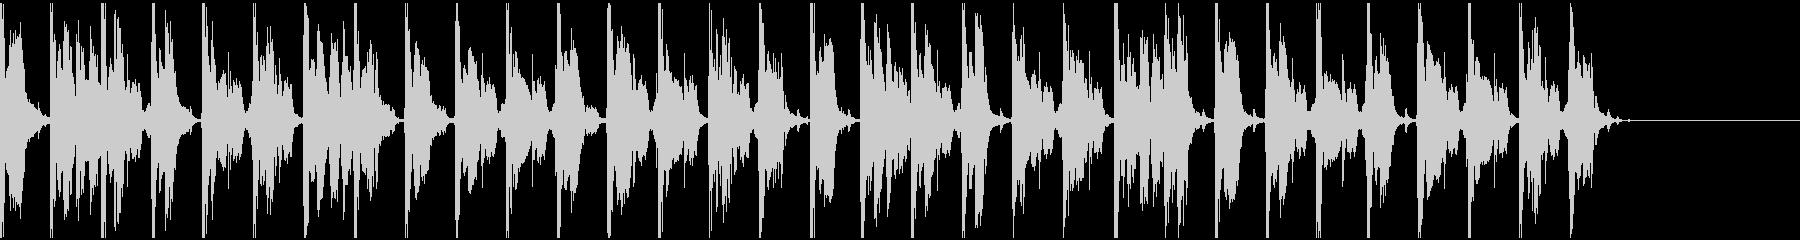 【エレクトロニカ】ロング5、ショート4の未再生の波形